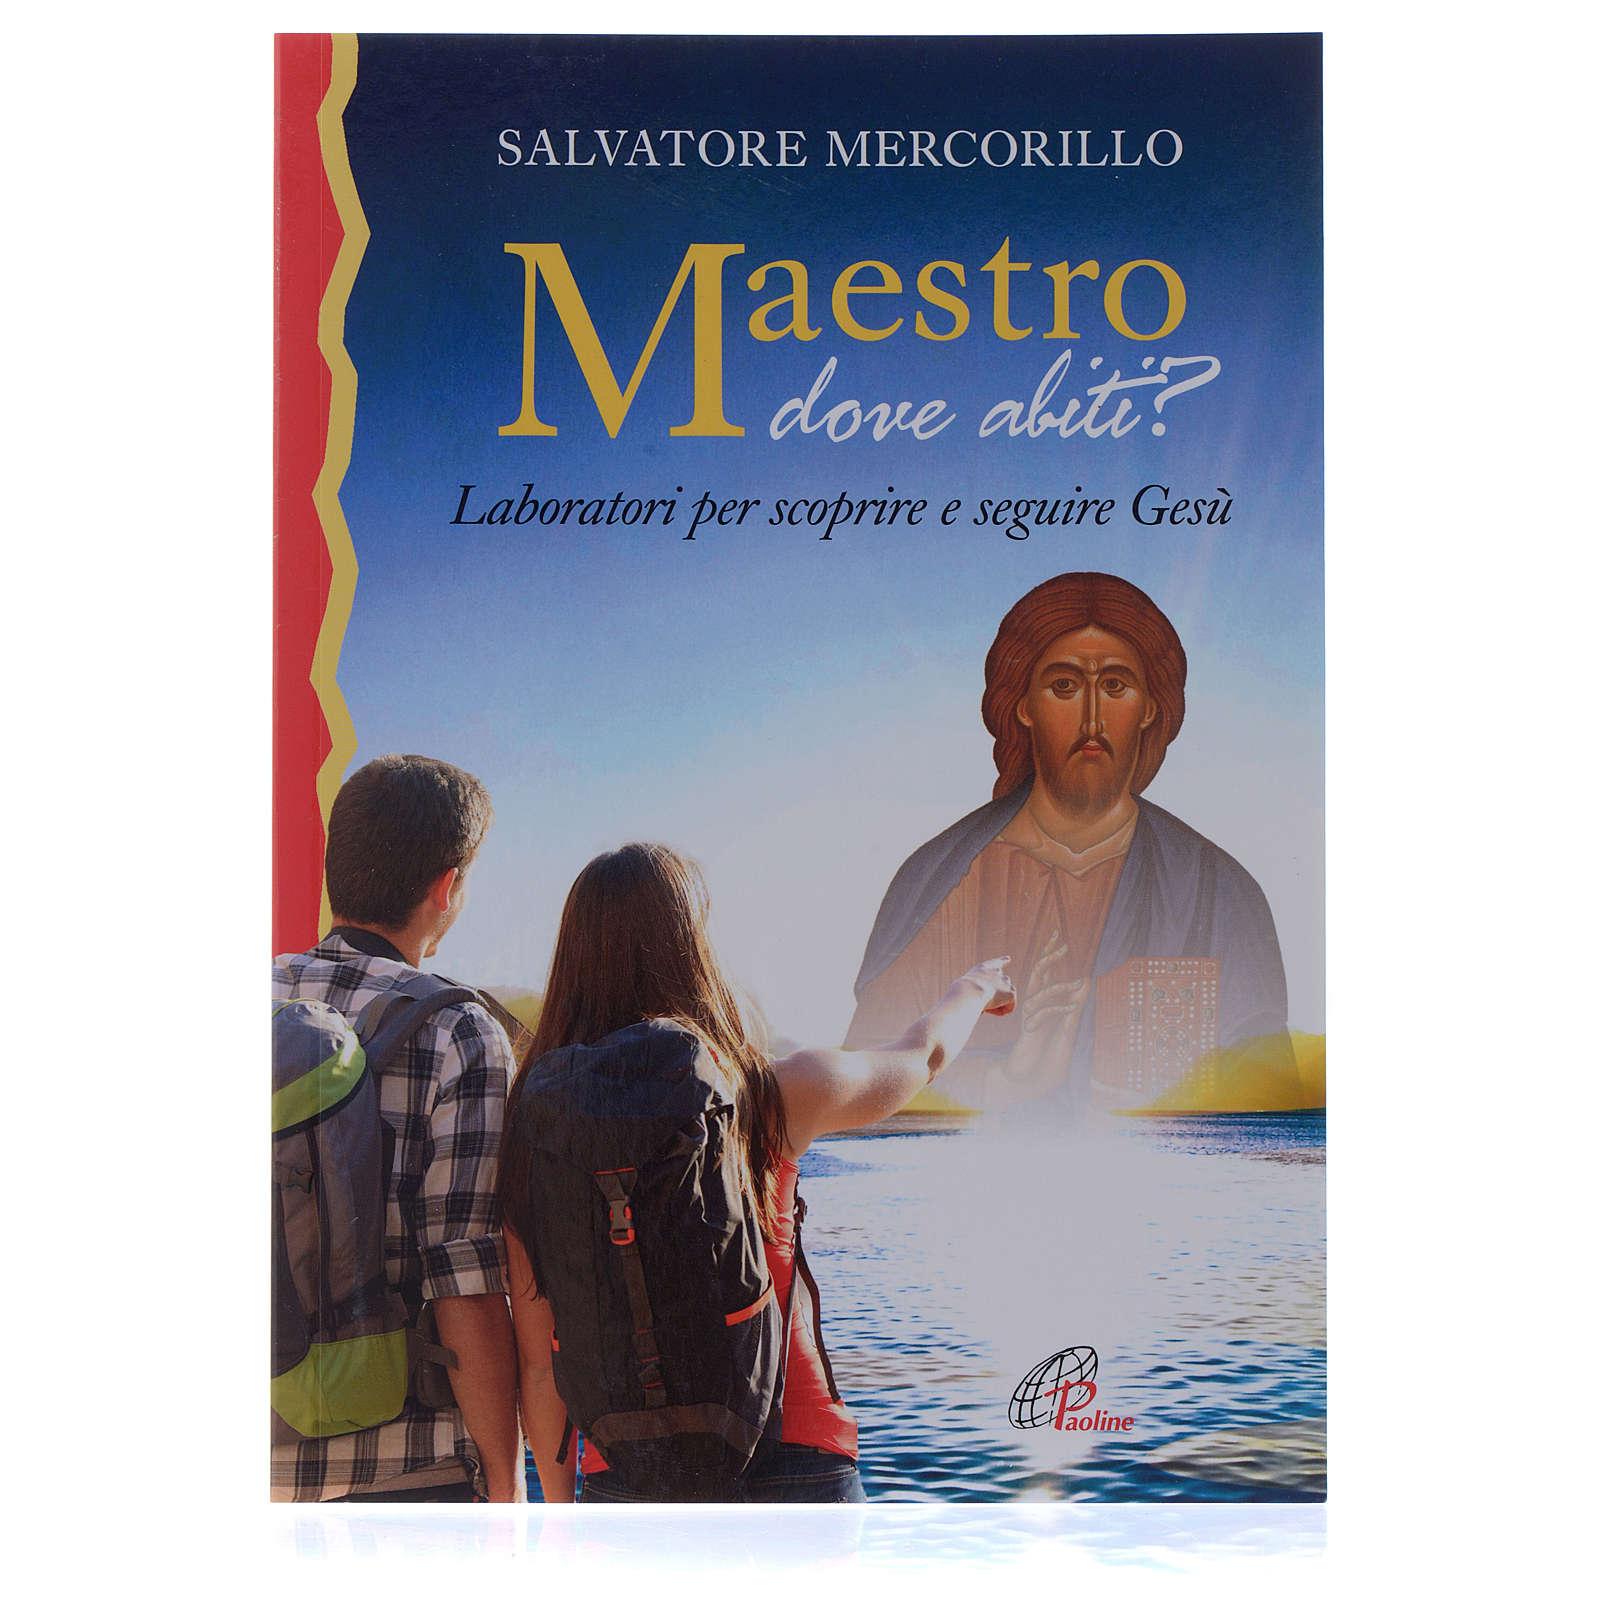 Maestro dove abiti? - Laboratori per scoprire e seguire Gesù 4